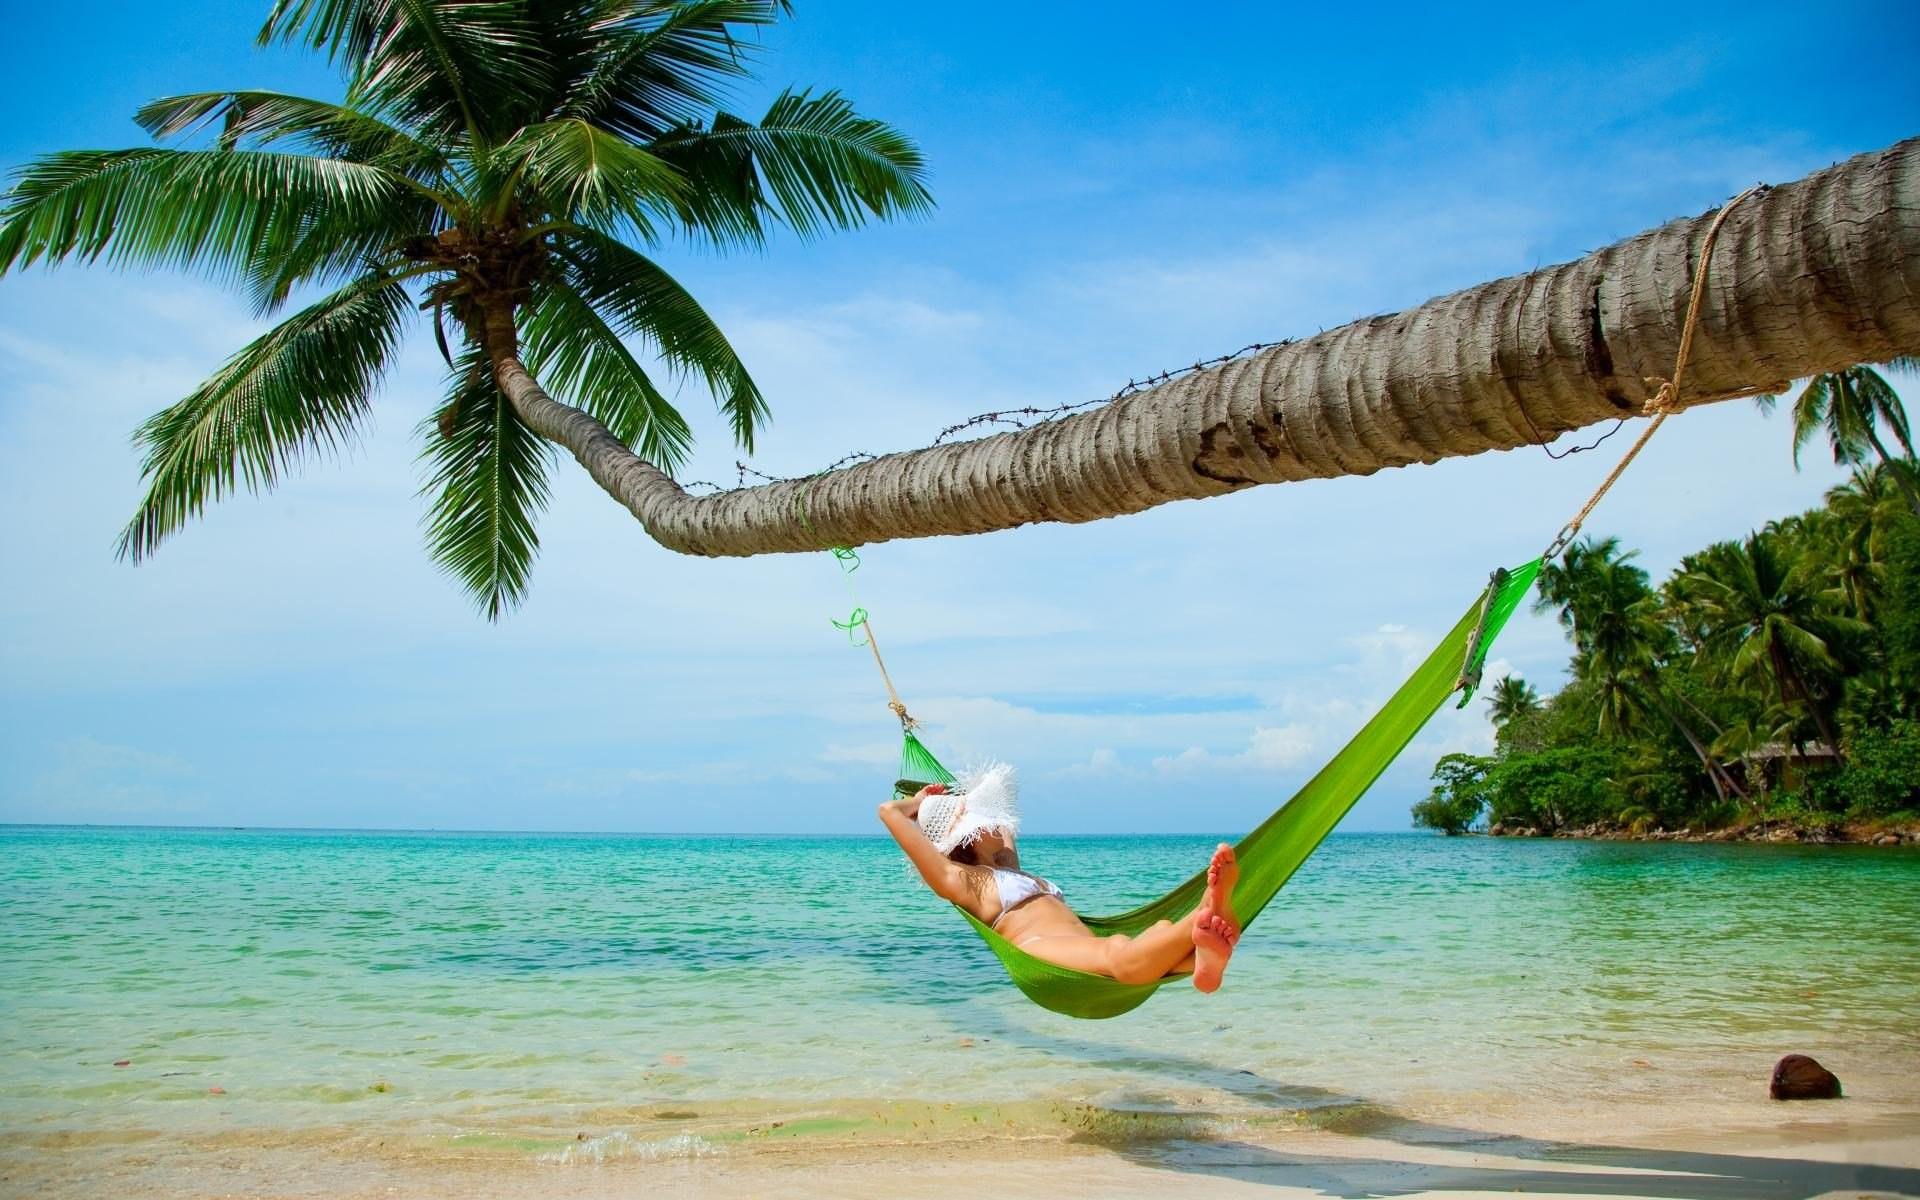 T l charger fonds d 39 cran ile paradisiaque gratuitement - Endroit paradisiaque dans le monde ...